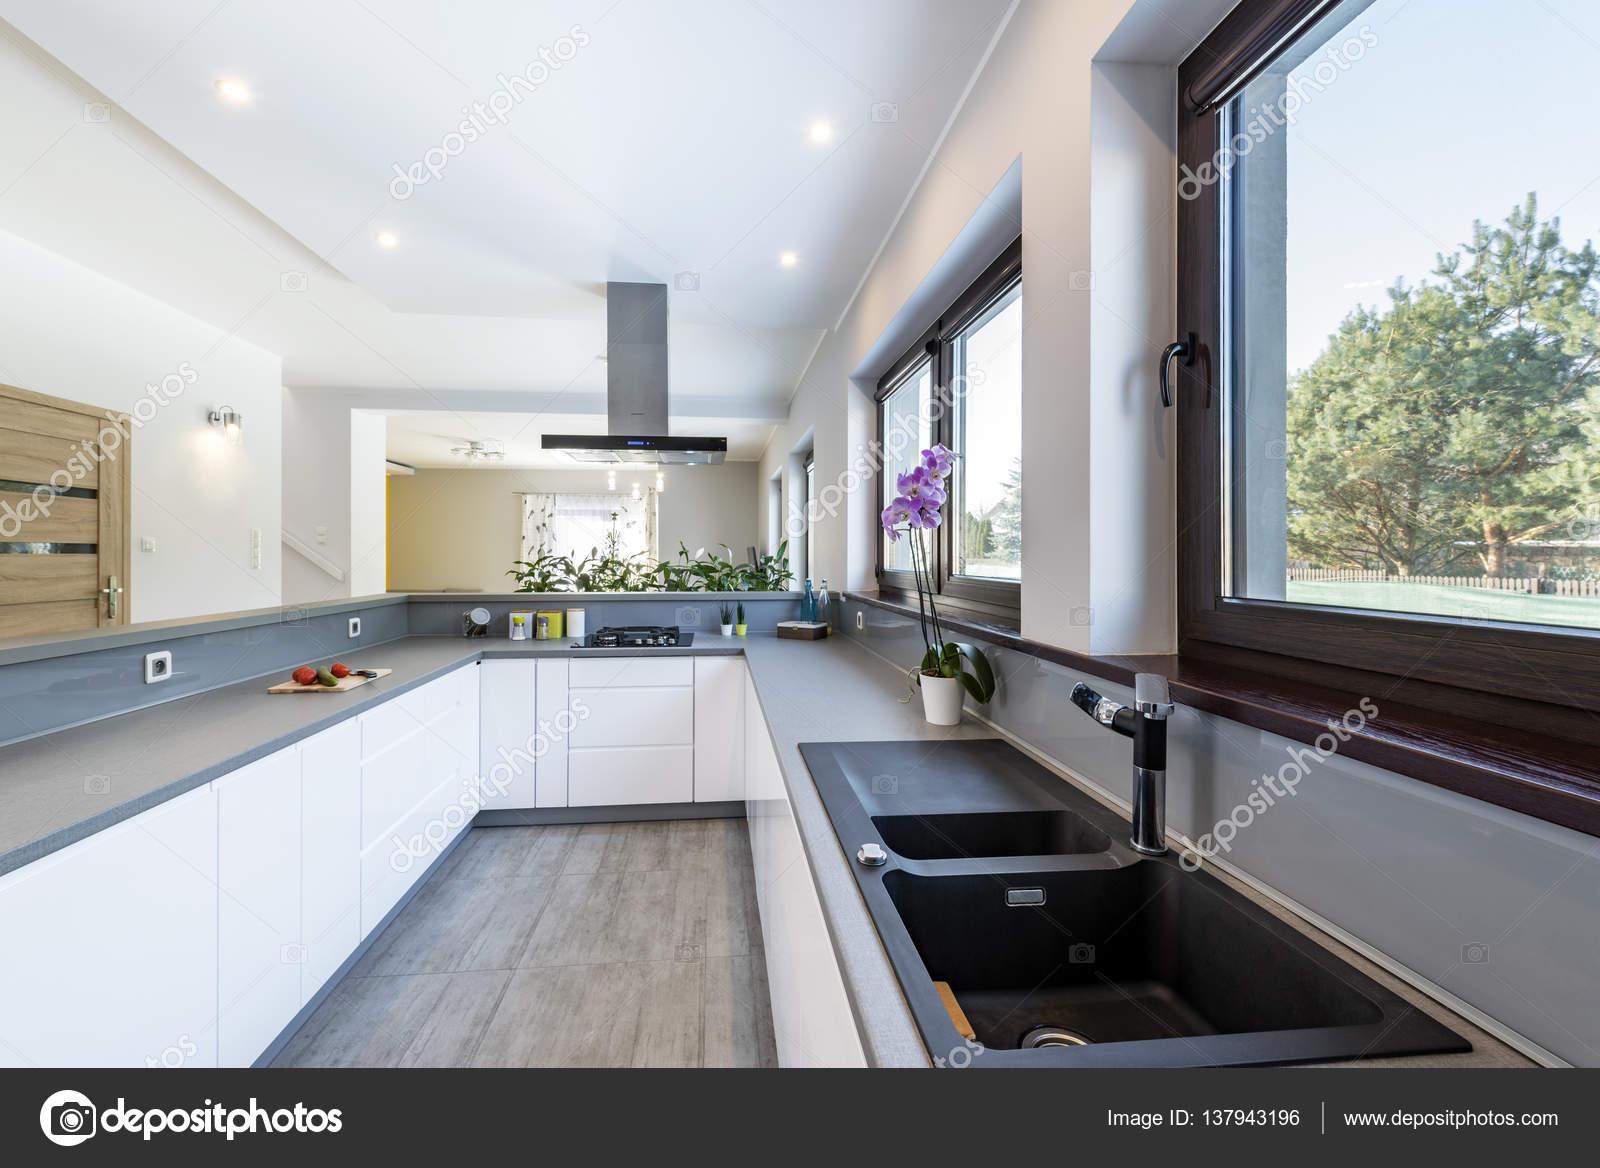 Interieur van de moderne keuken met roestvrijstalen apparaten